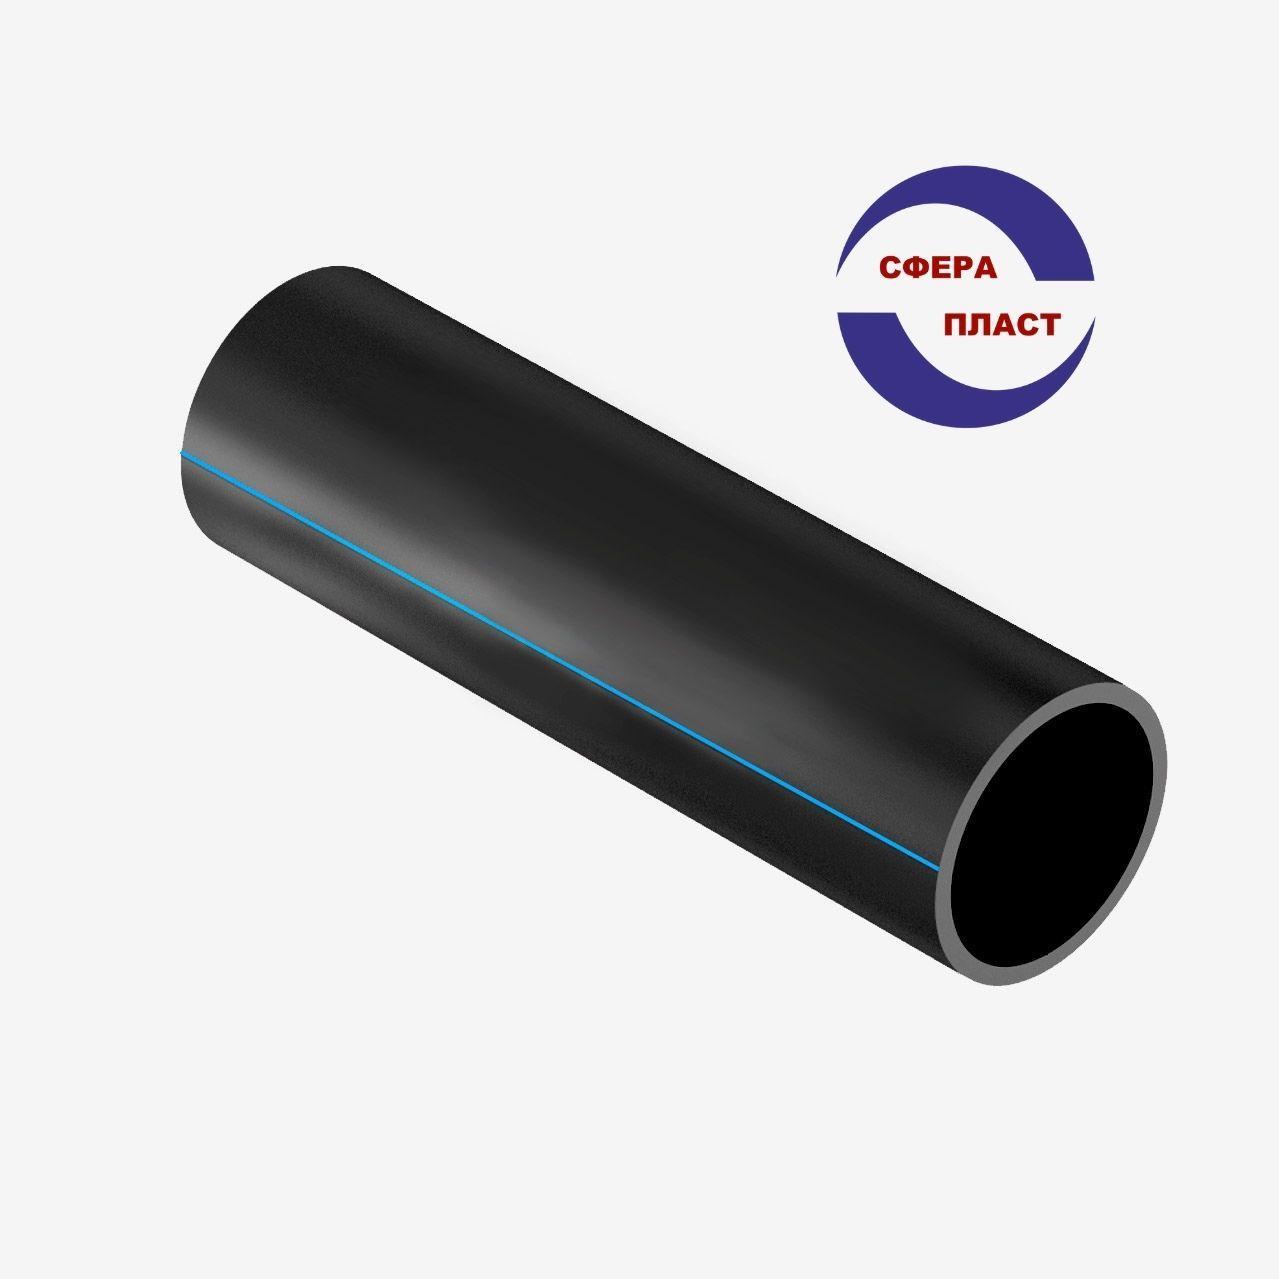 Труба Ду-315x28,6 SDR11 (16 атм) полиэтиленовая ПЭ-100